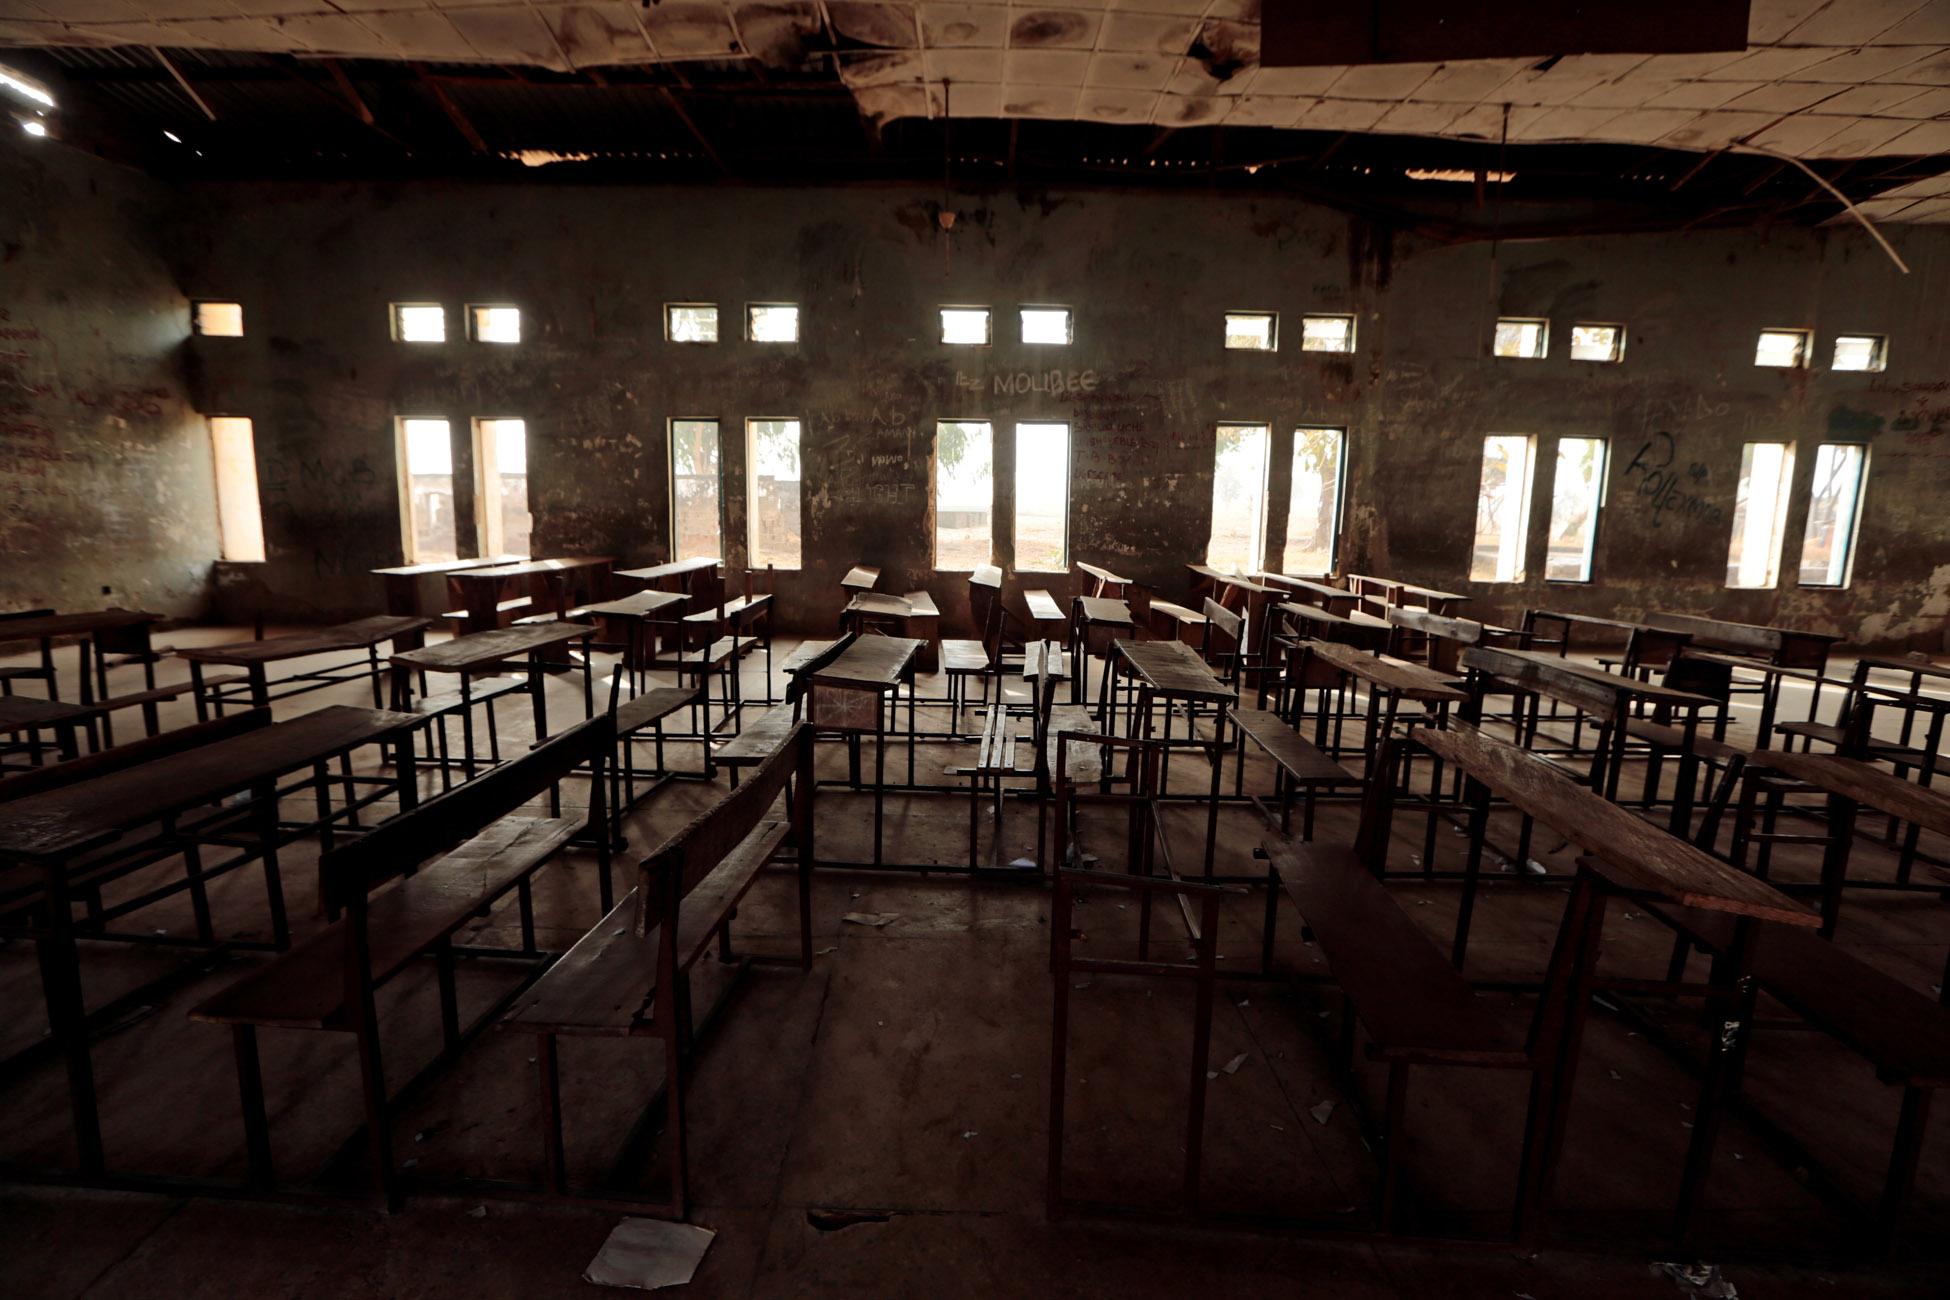 Φρίκη στη Νιγηρία: Ένοπλοι απήγαγαν 317 μαθήτριες από το σχολείο τους